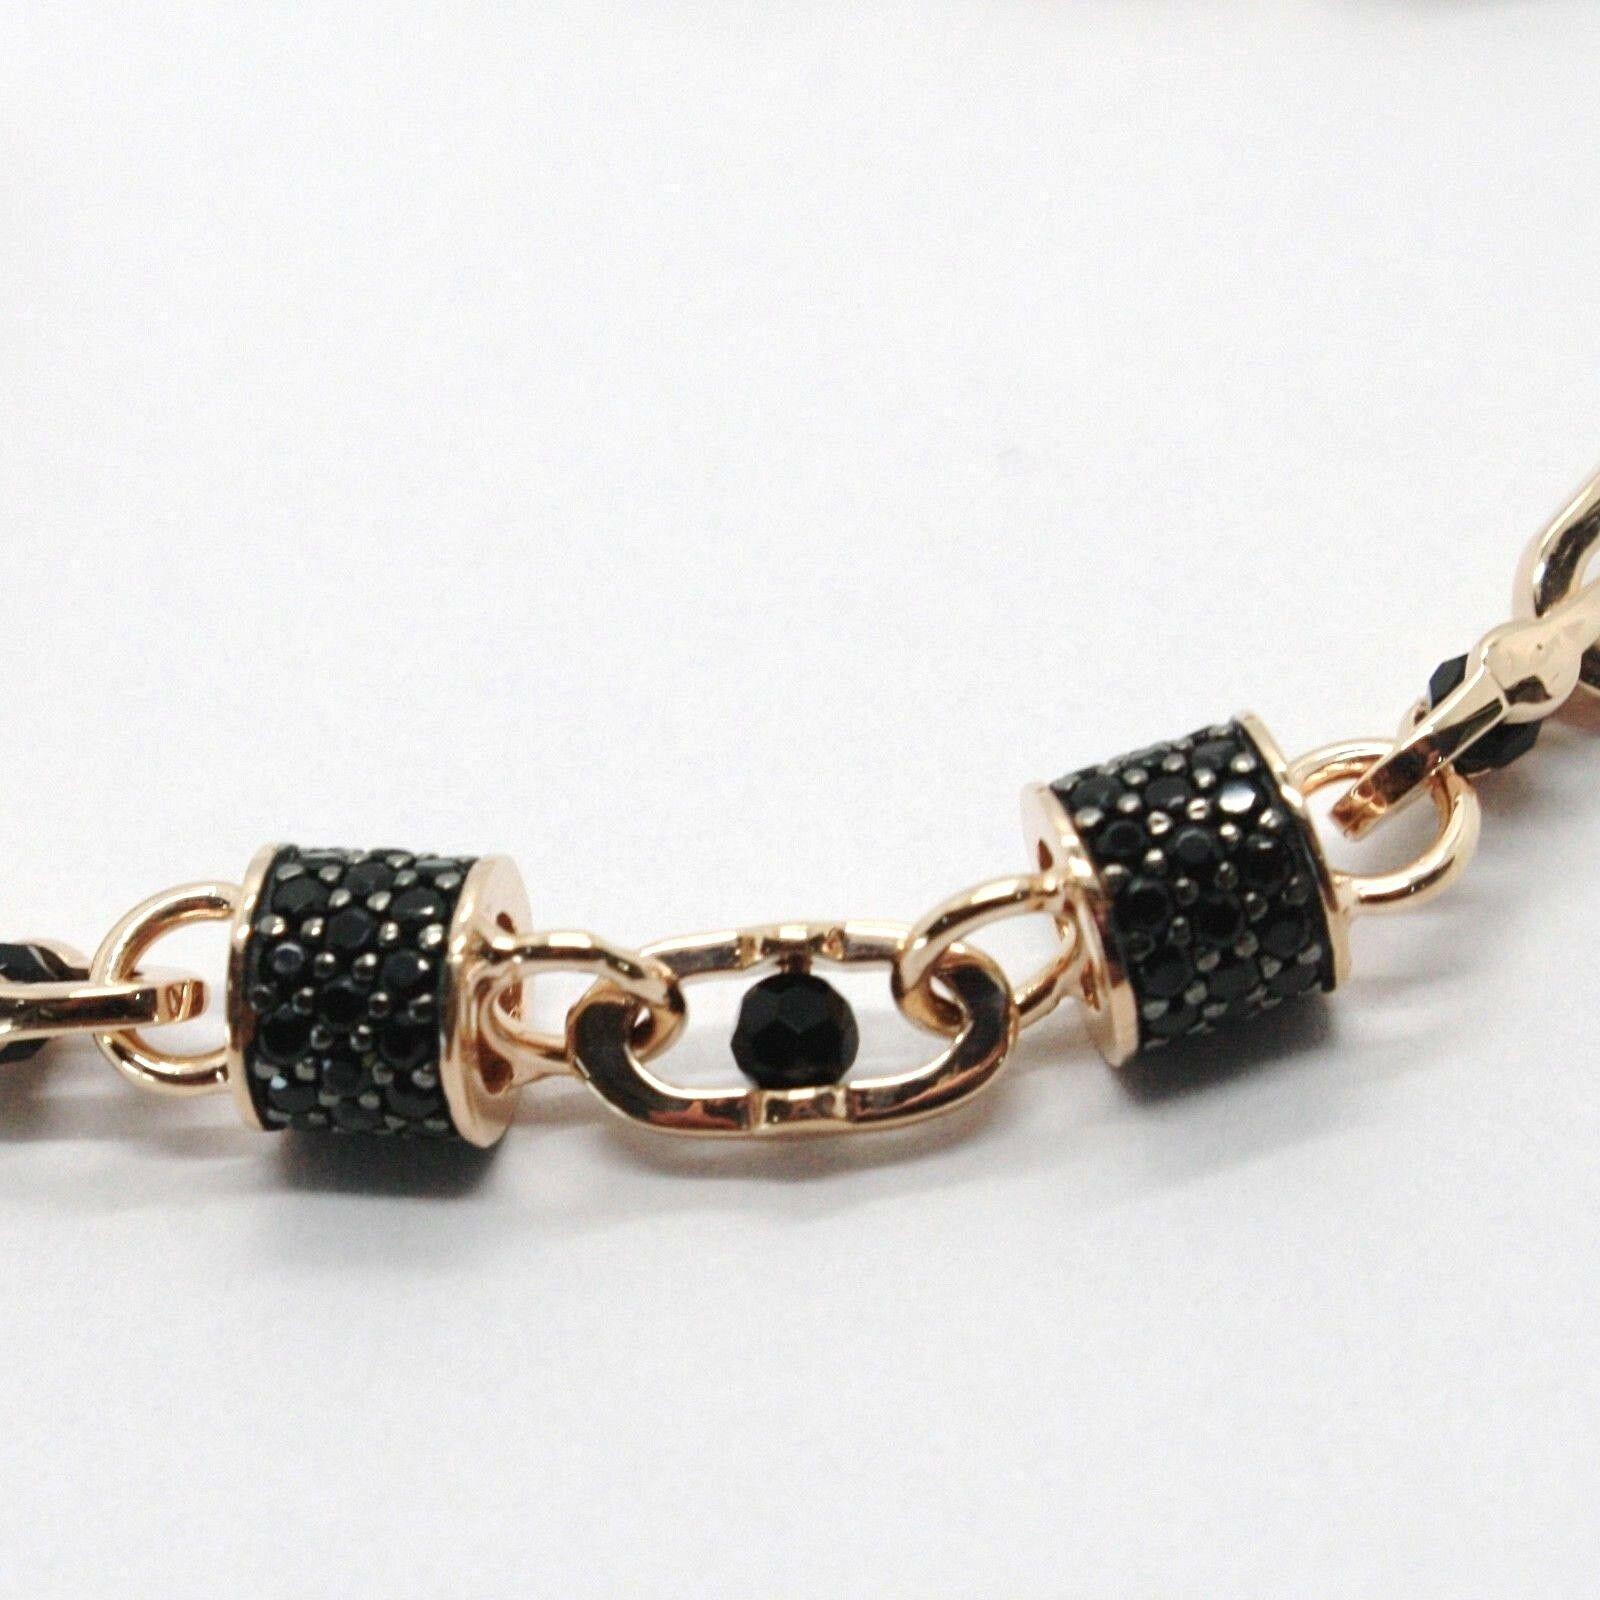 Armband Gold Pink 18K 750, Röhren mit Zirkonia Schwarze und Ovale Abwechselnde, image 4